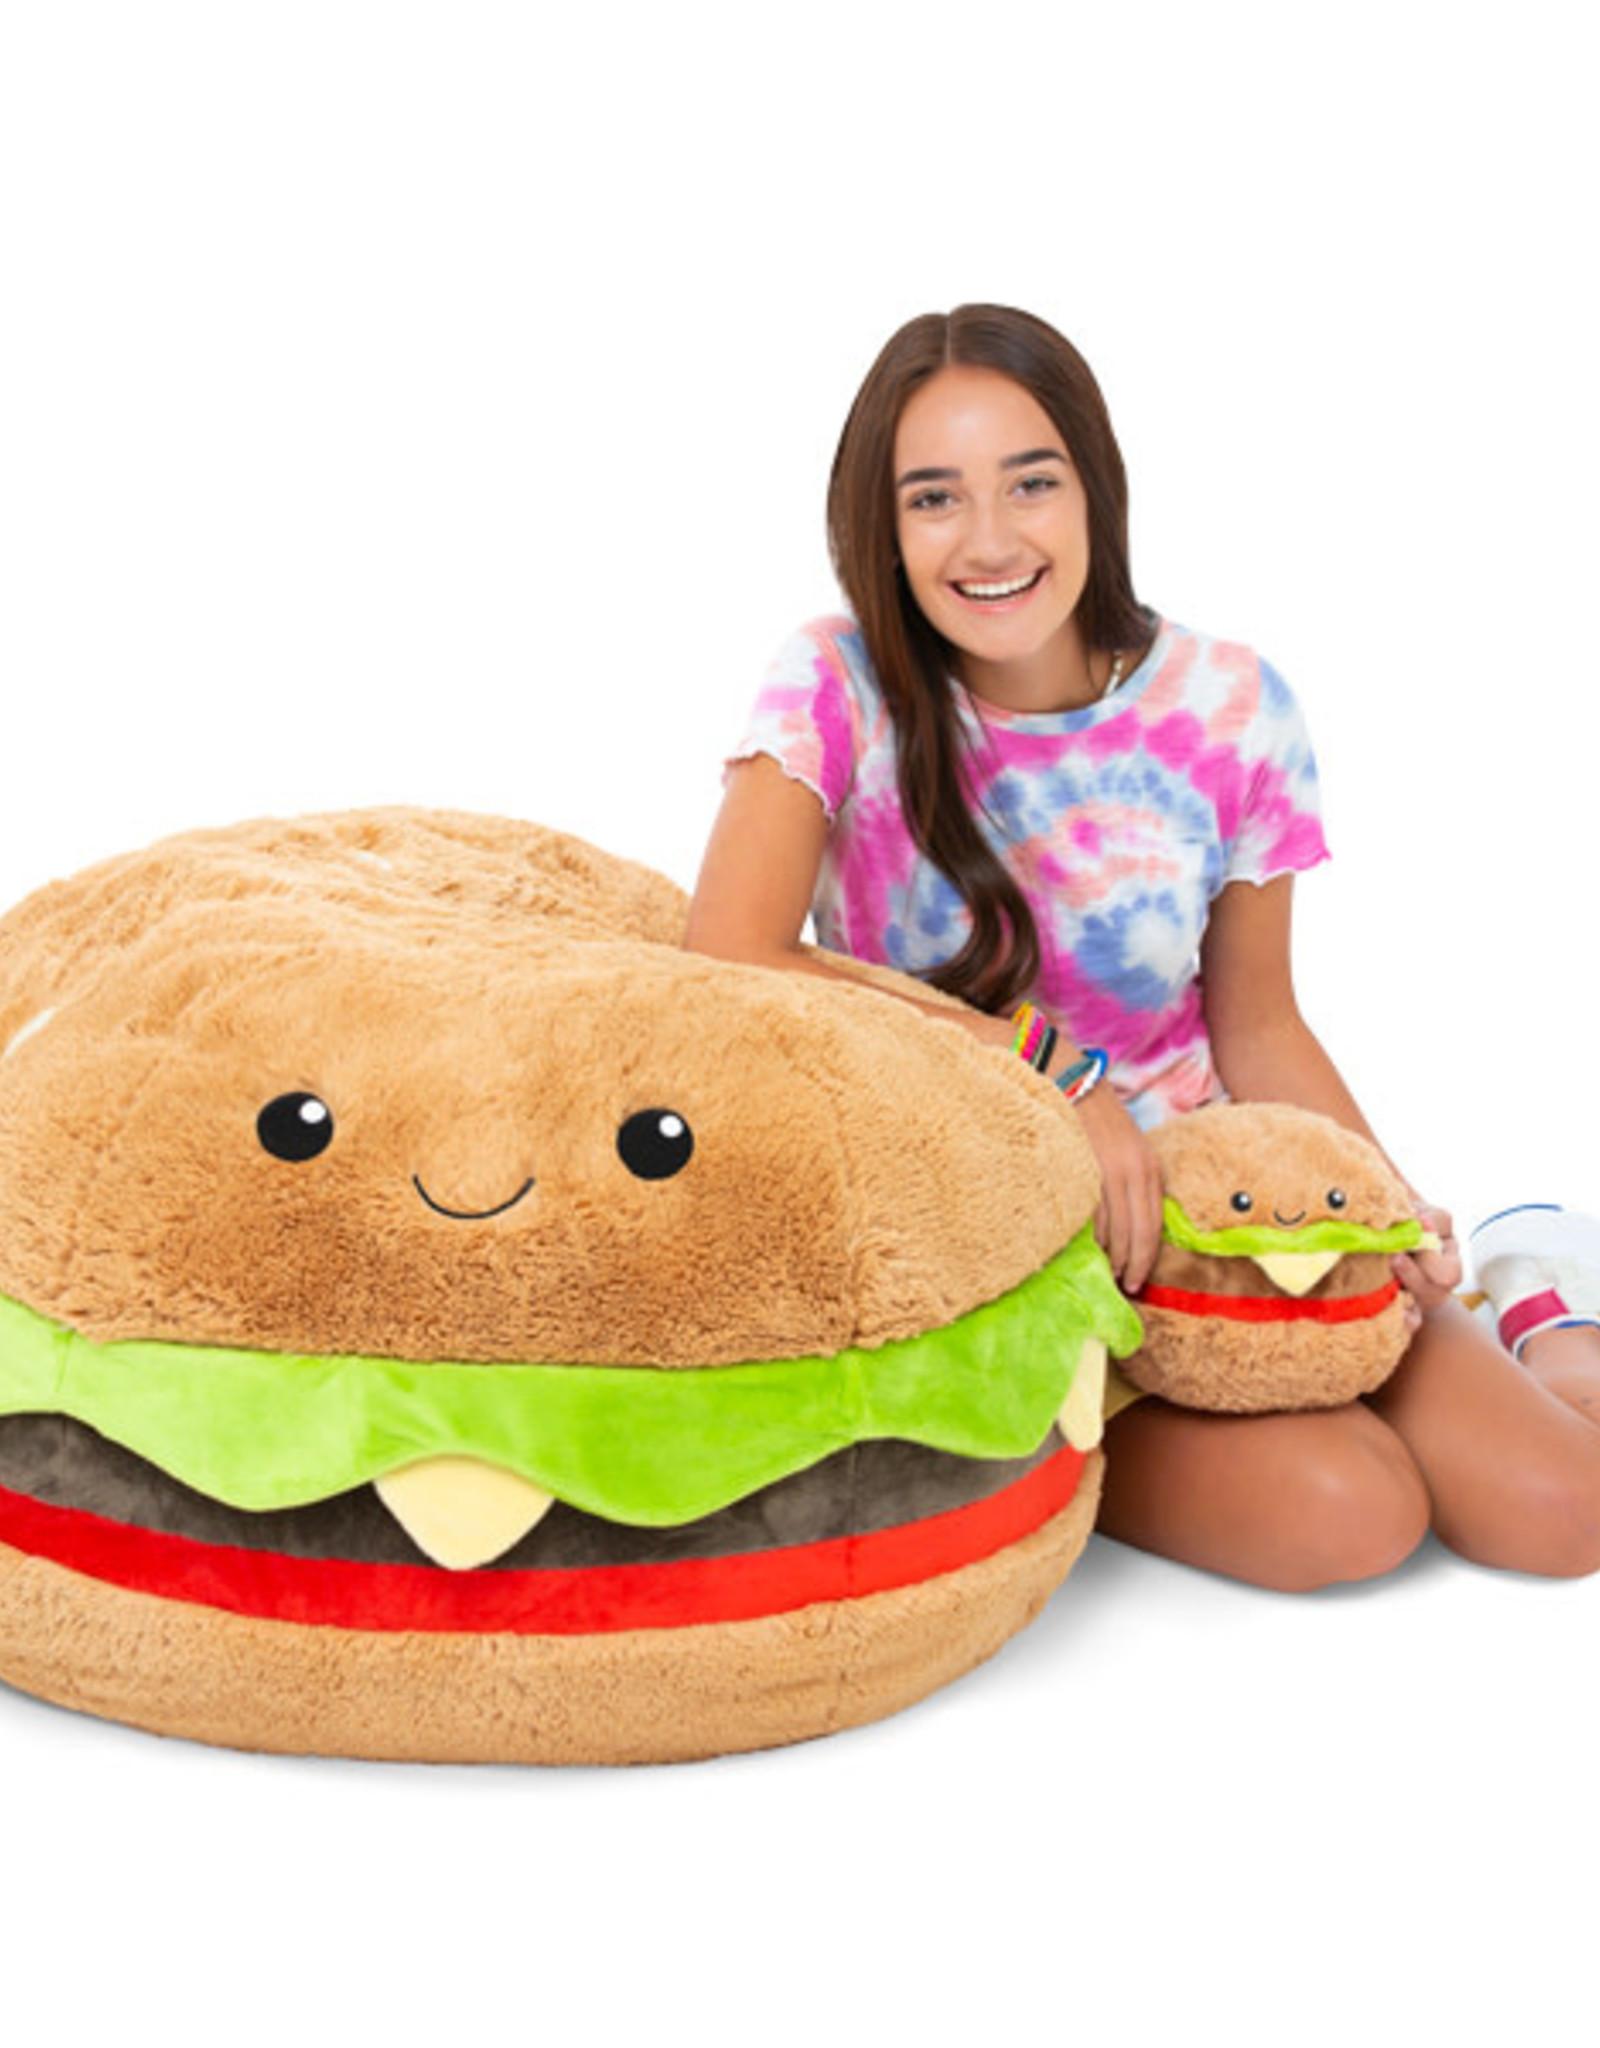 Squishable Massive Hamburger